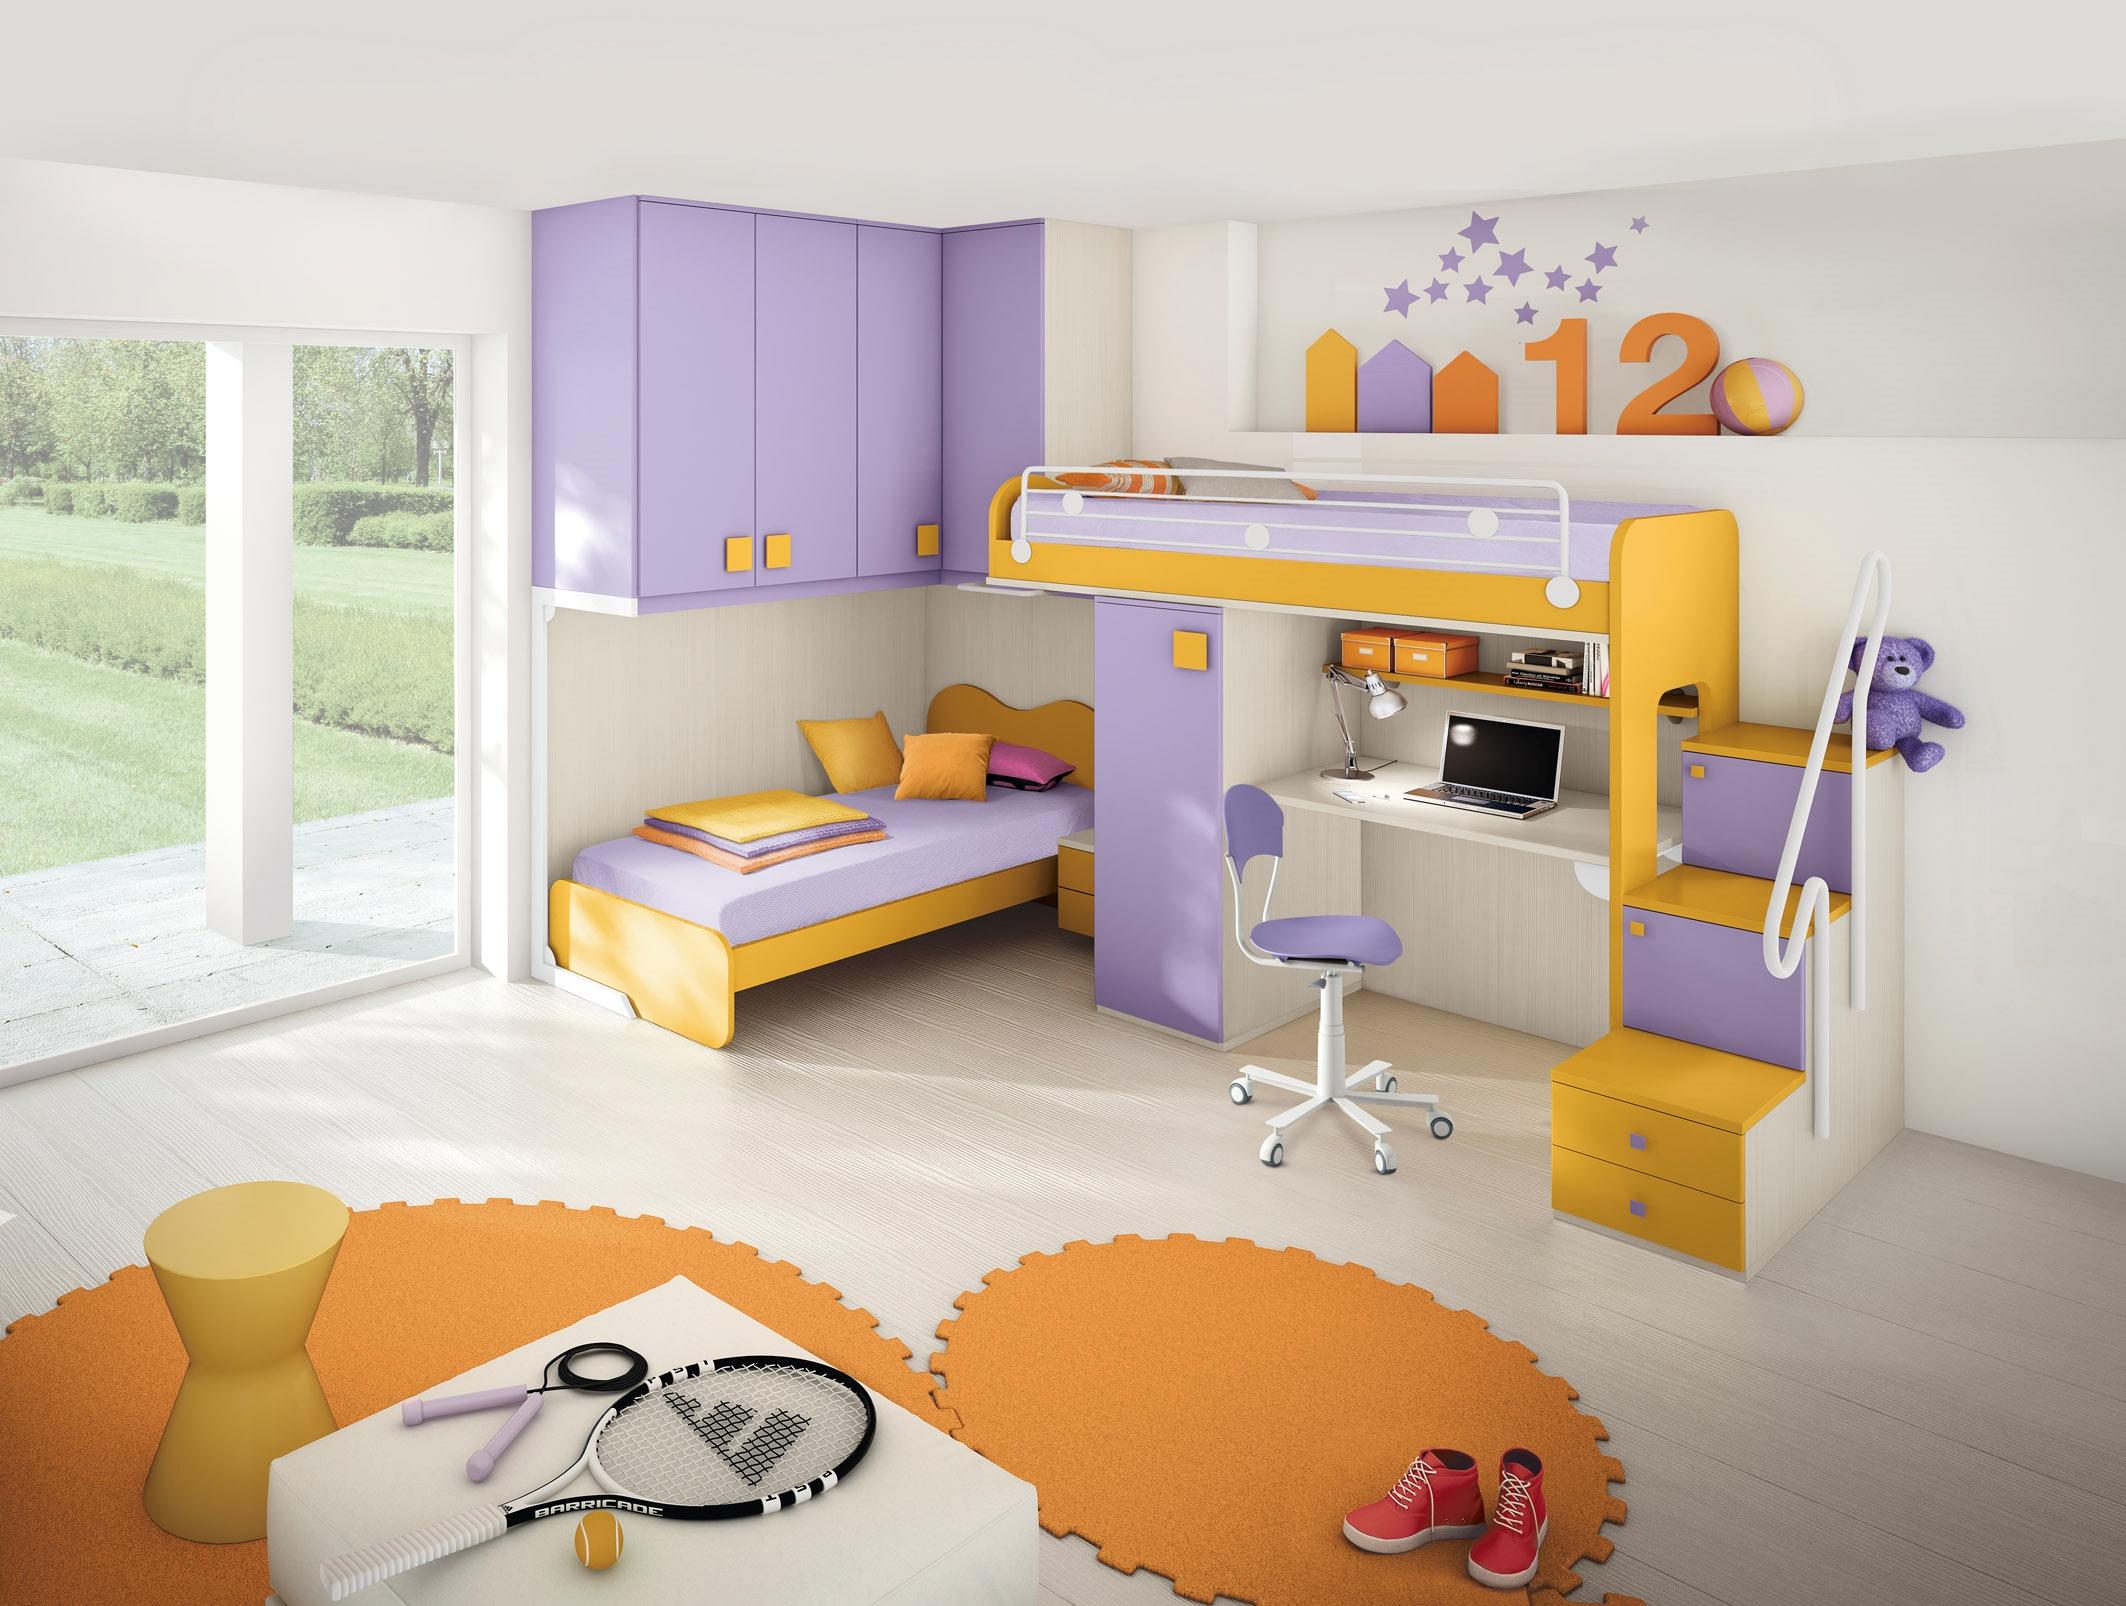 Cameretta per bambini colorata con due letti a soppalco camerette a prezzi scontati - Cameretta per due bambini ...